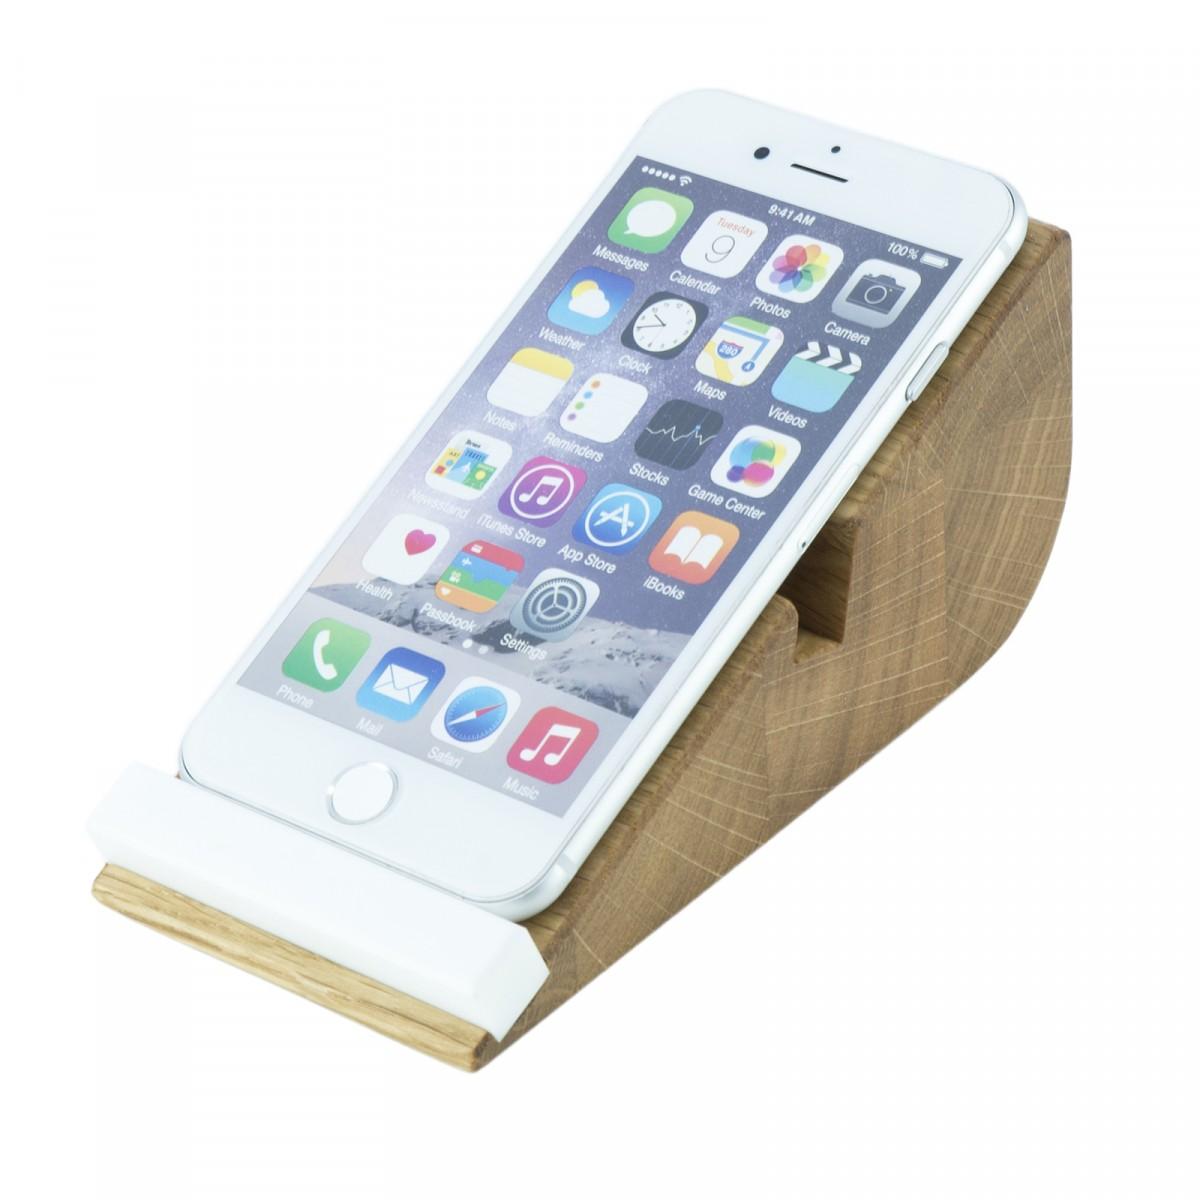 Smartphone Halter cela 5, iPhone Halterung aus Holz | Handy Aufsteller 5 Zoll | Holzbutiq